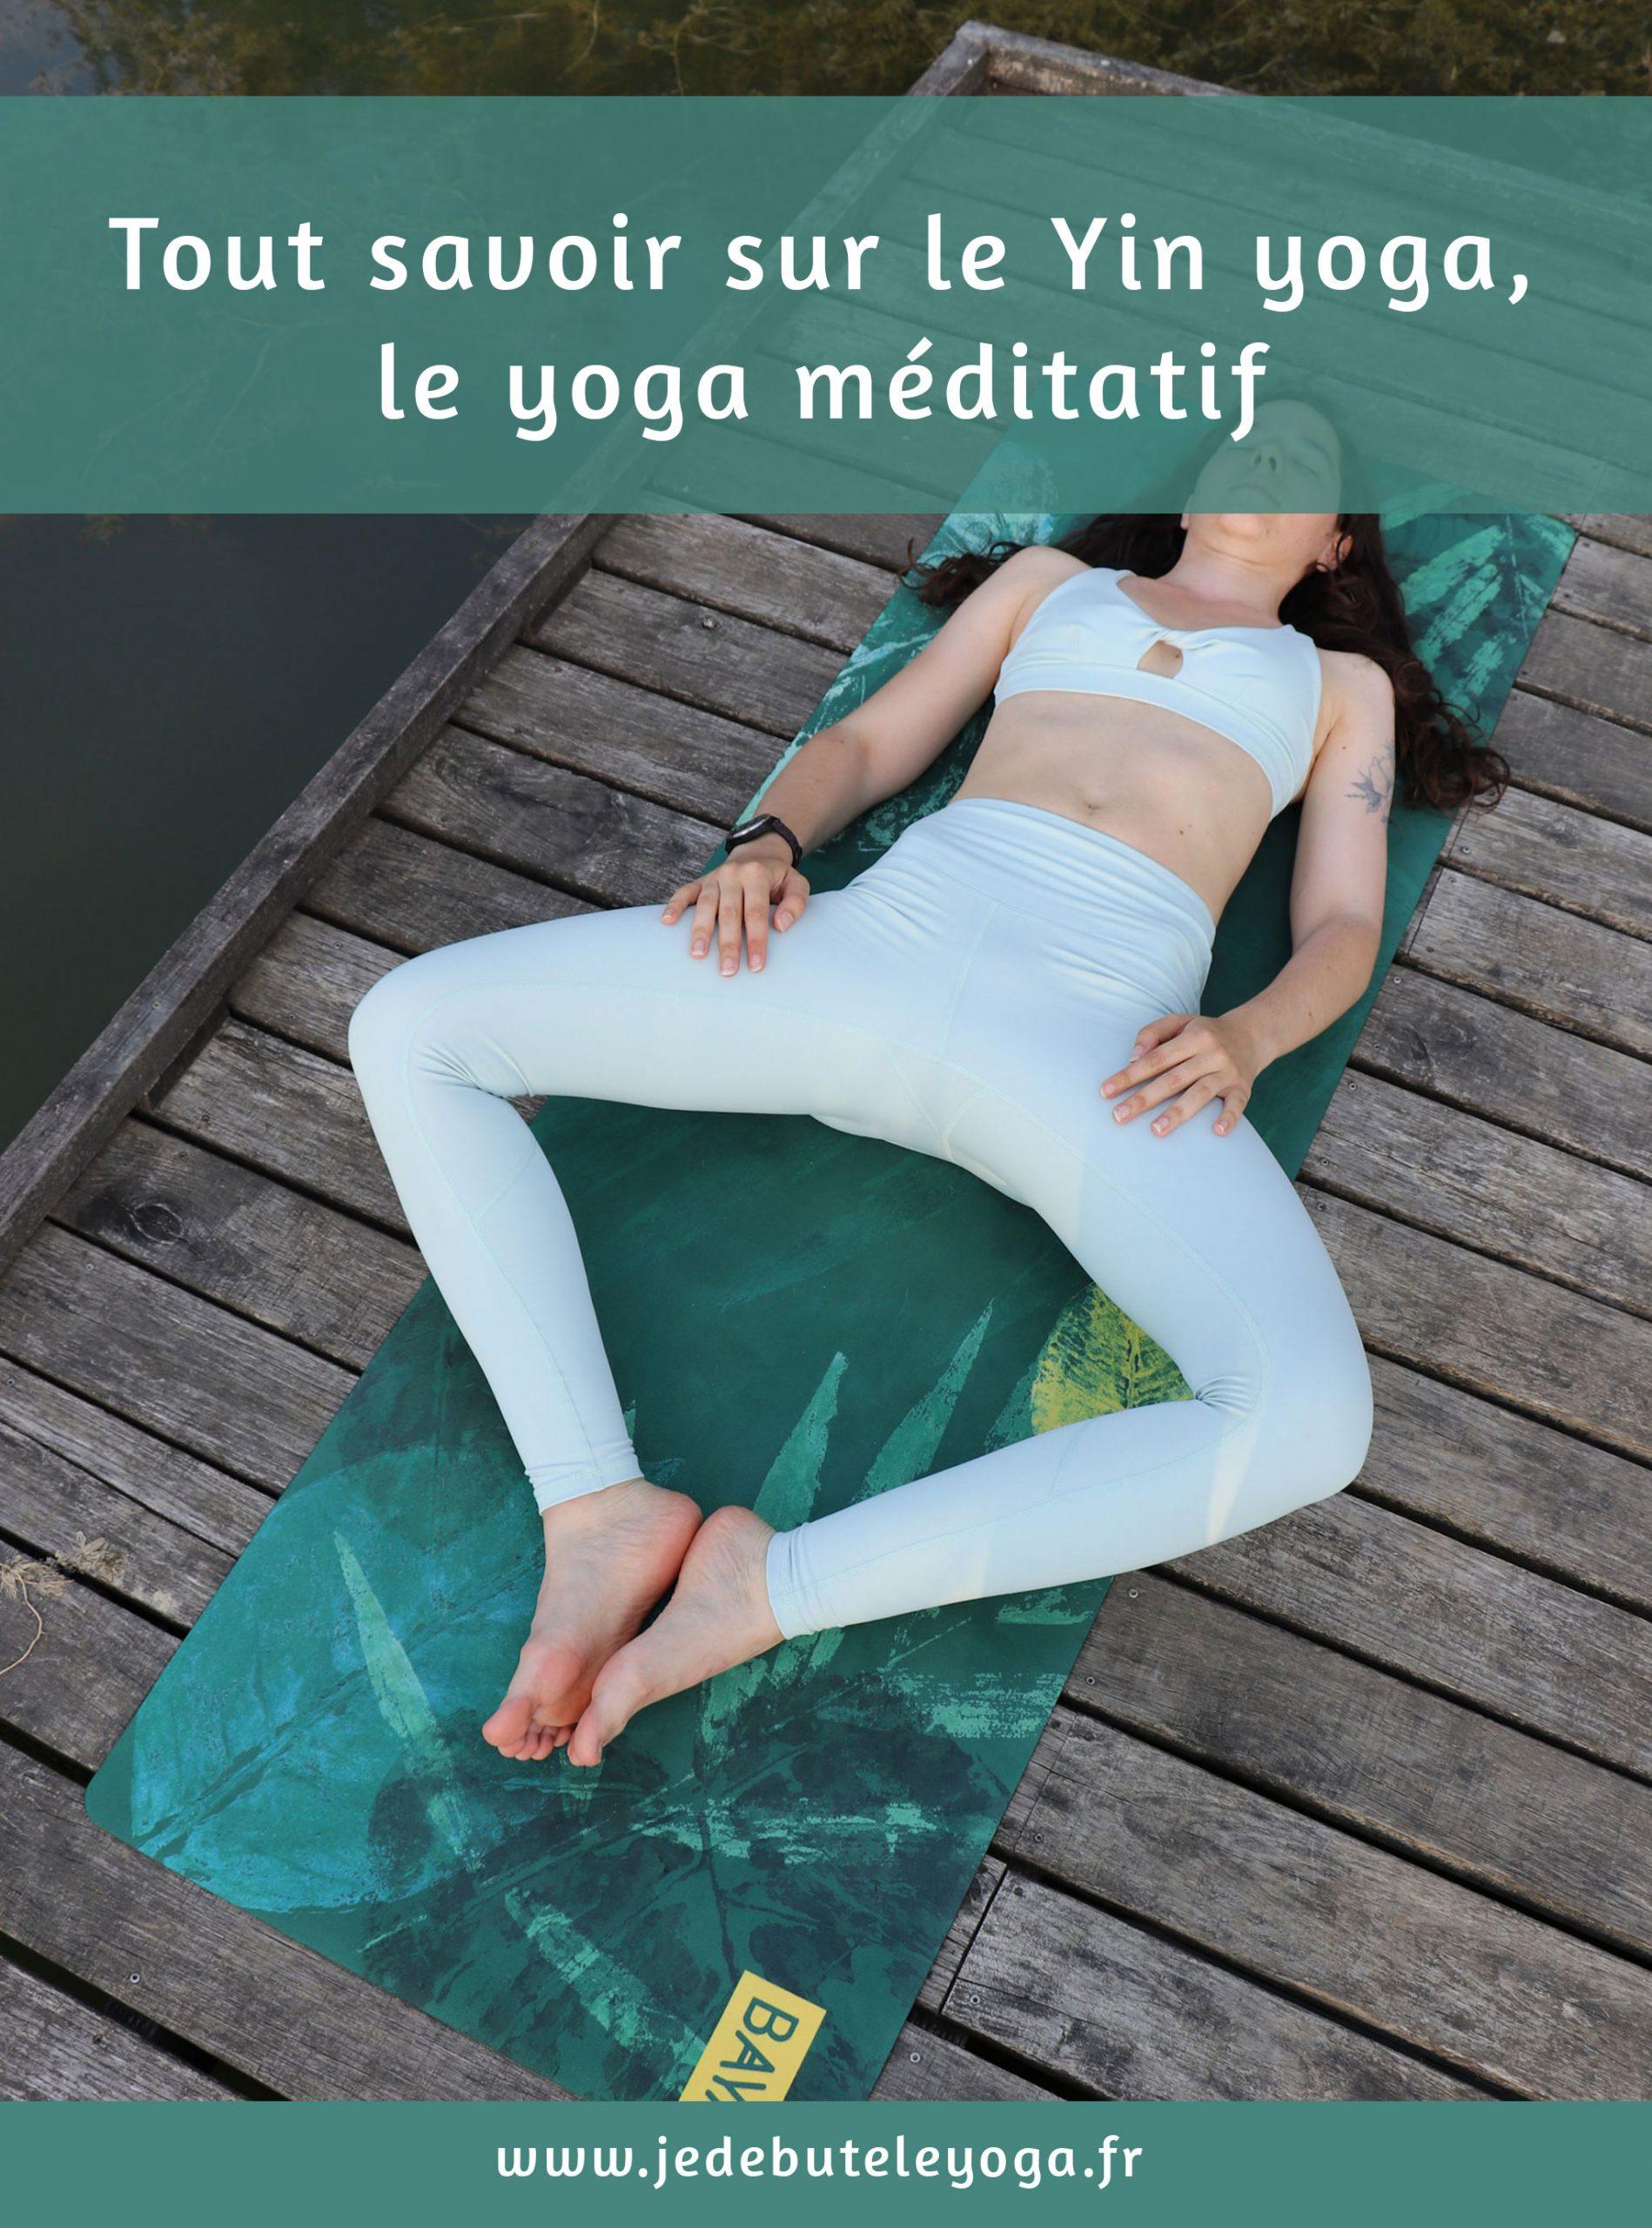 tout savoir sur le yin yoga